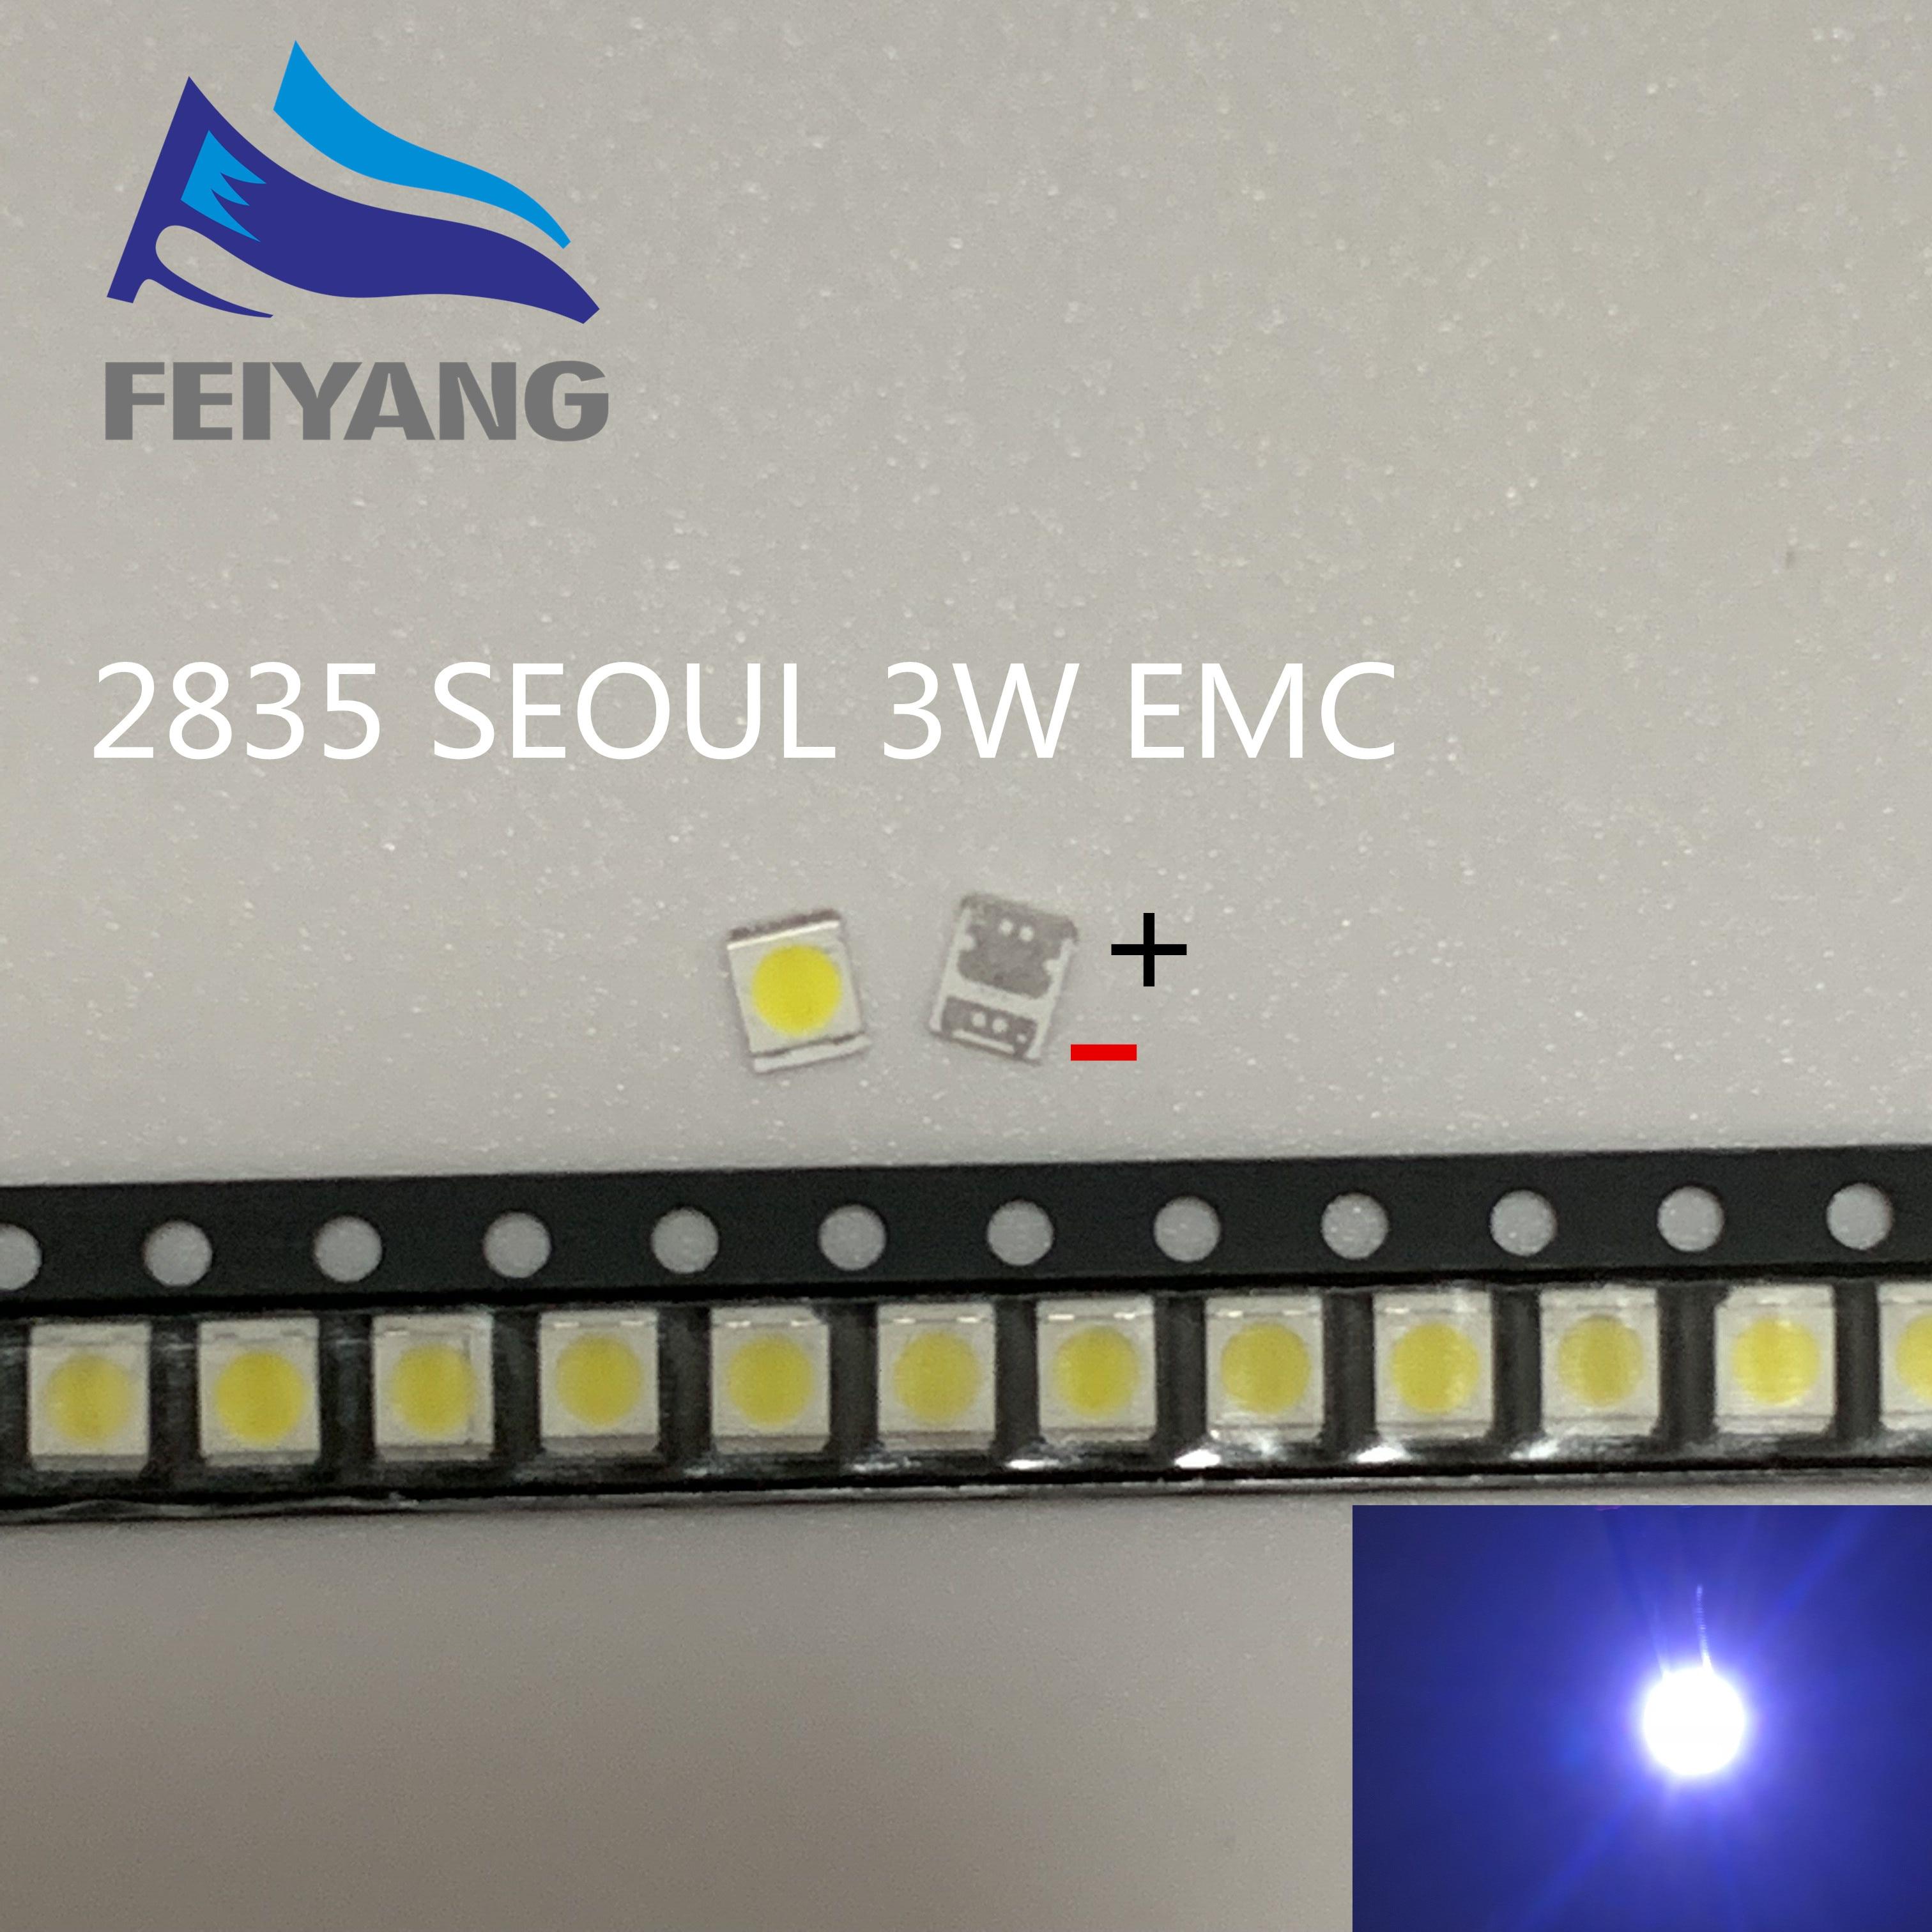 100 шт. Сеульский LG высокой мощности Светодиодный подсветка 1210 3528 2835 1 Вт 3 Вт 300Лм холодный белый SBWVT121E ЖК подсветка для ТВ приложения|Диоды|   | АлиЭкспресс